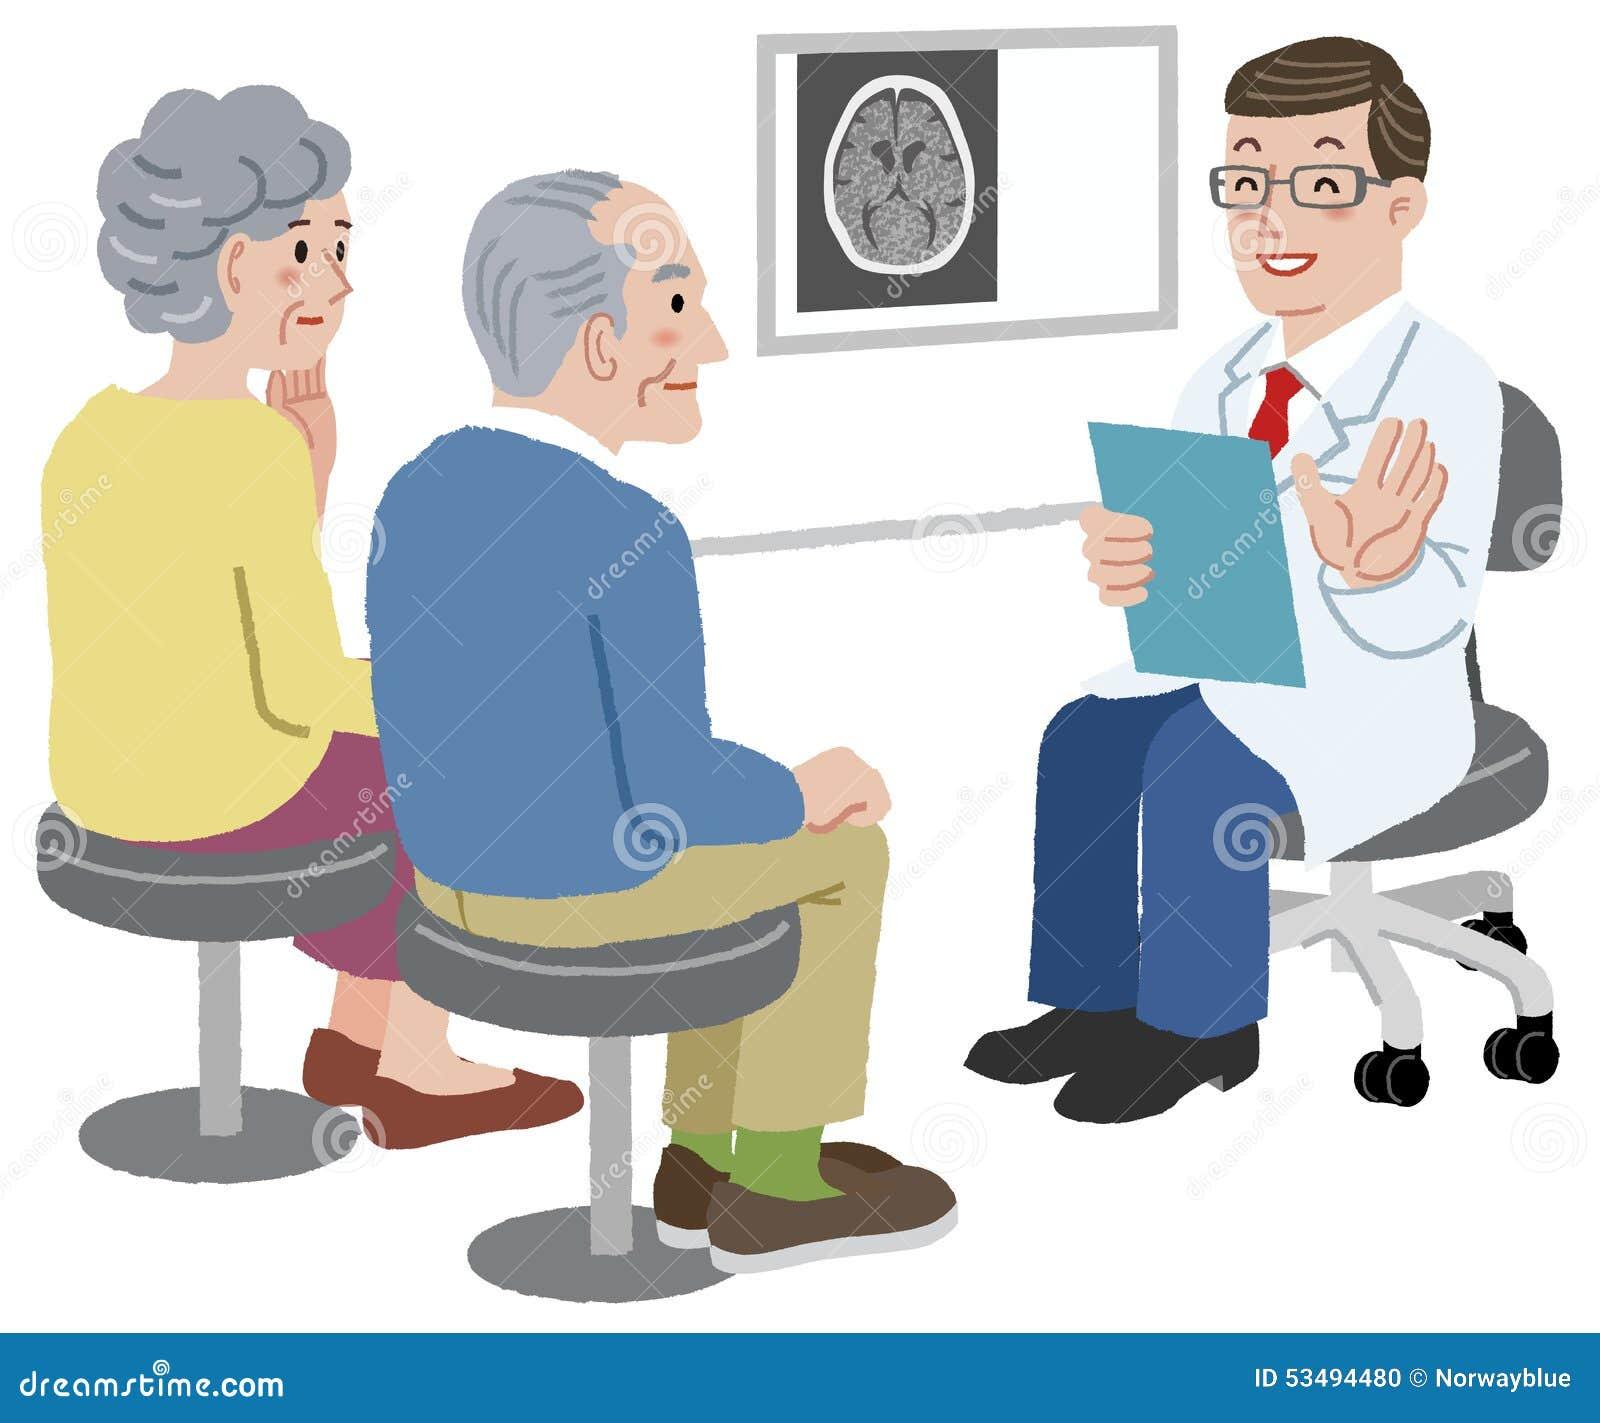 art clip Patient counseling